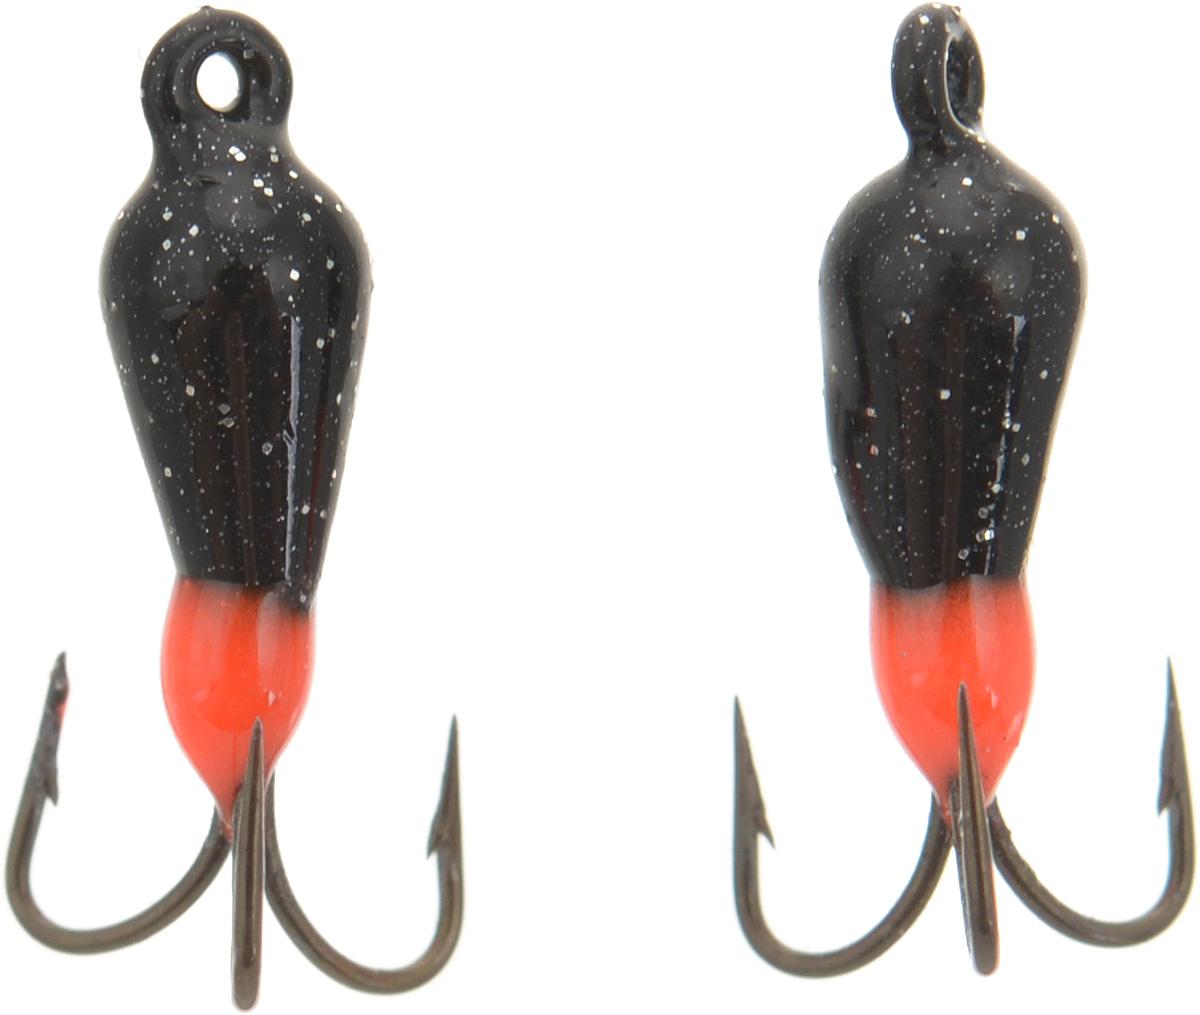 Чертик вольфрамовый Finnex, цвет: черный, красный, 0,38 г, 2 шт43269Вольфрамовый чертик Finnex - одна из самых популярных приманок для ловли леща, плотвы и другой белой рыбы. Особенно хорошо работает приманка на всевозможных водохранилищах. Не пропустит ее и другая рыба, в том числе окунь, судак и щука.